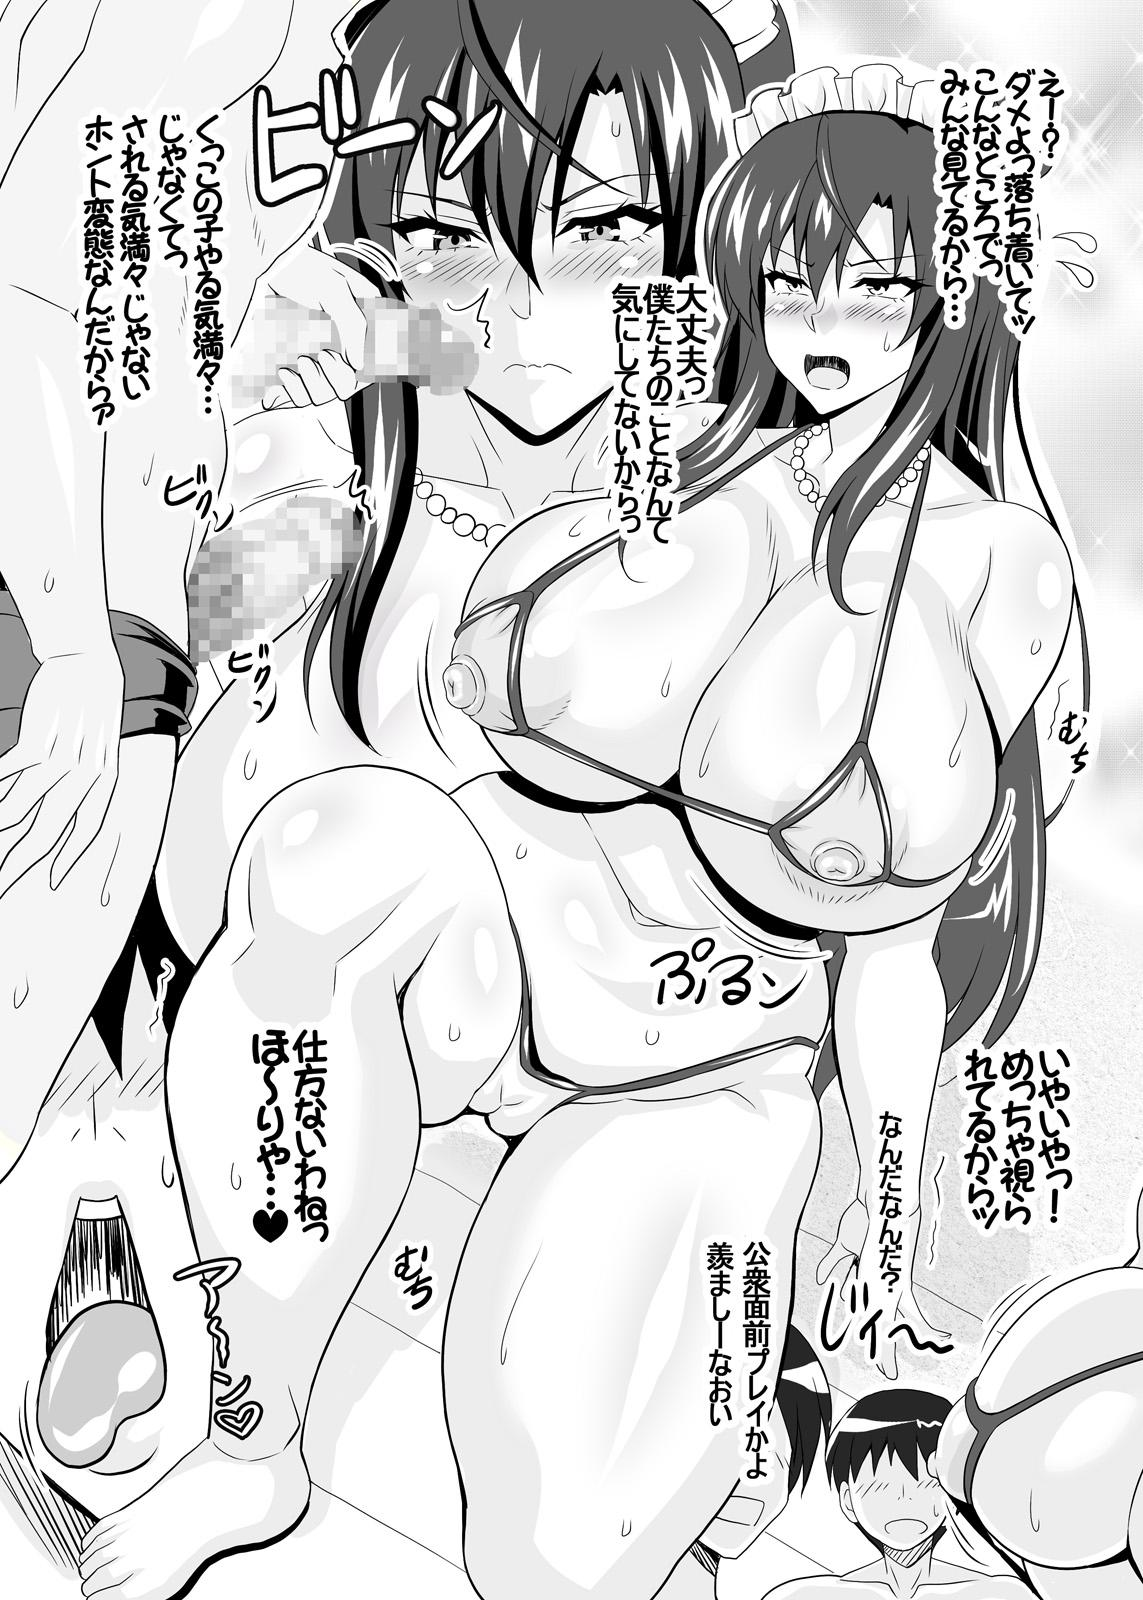 Boku dake no Bakunyuu Ona-maid Manatsu no Short Vacation Yuna Hen 3